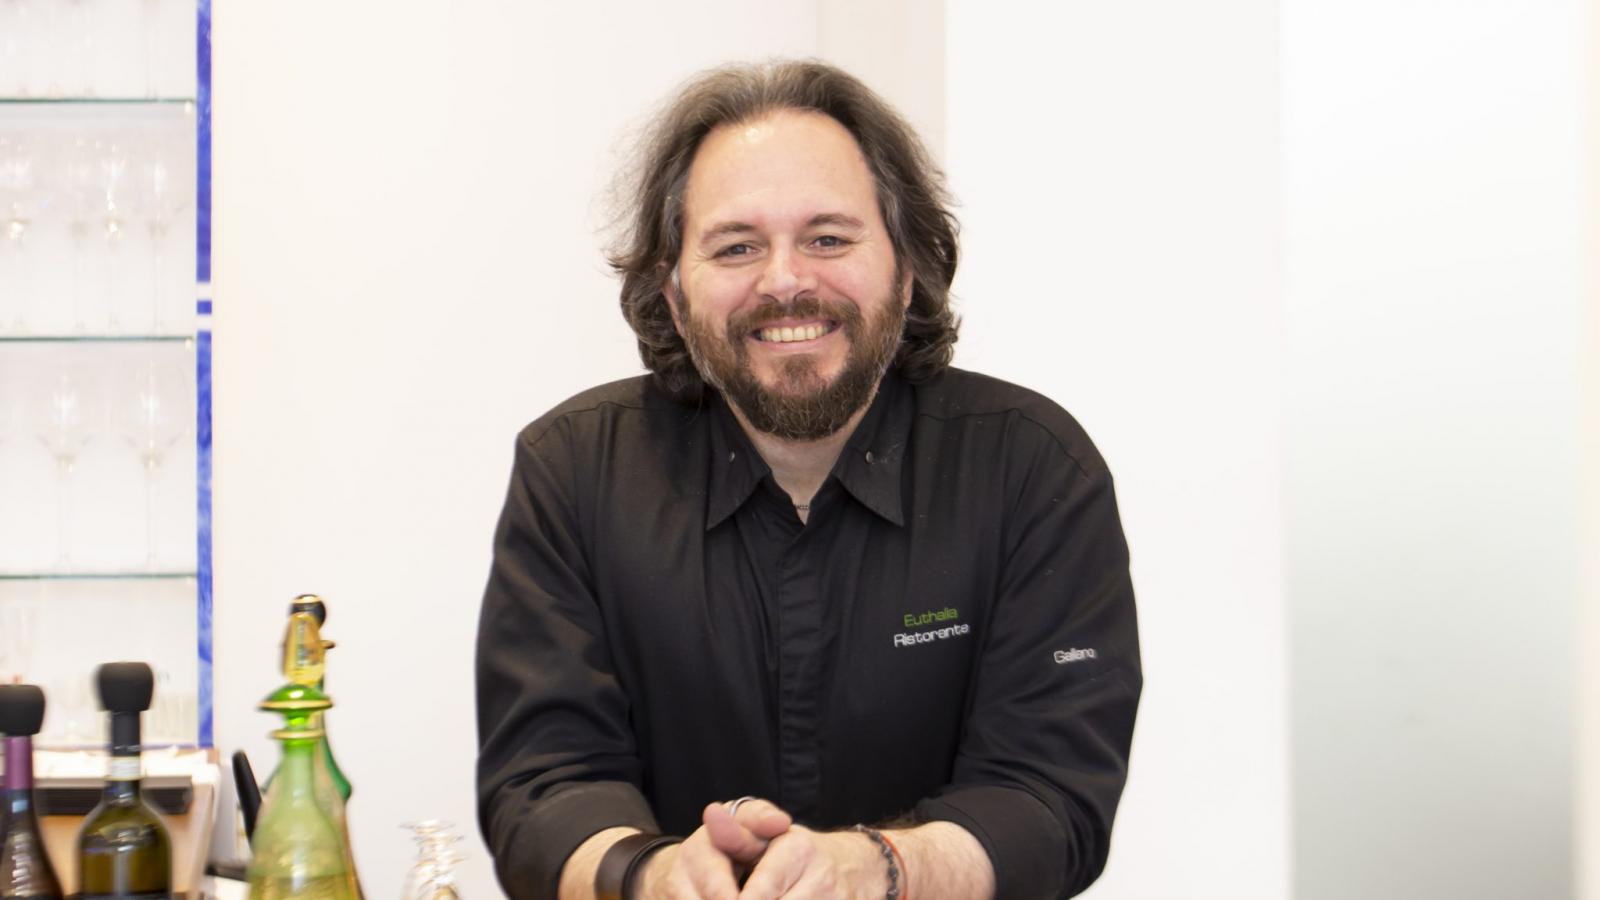 Chef Galliano